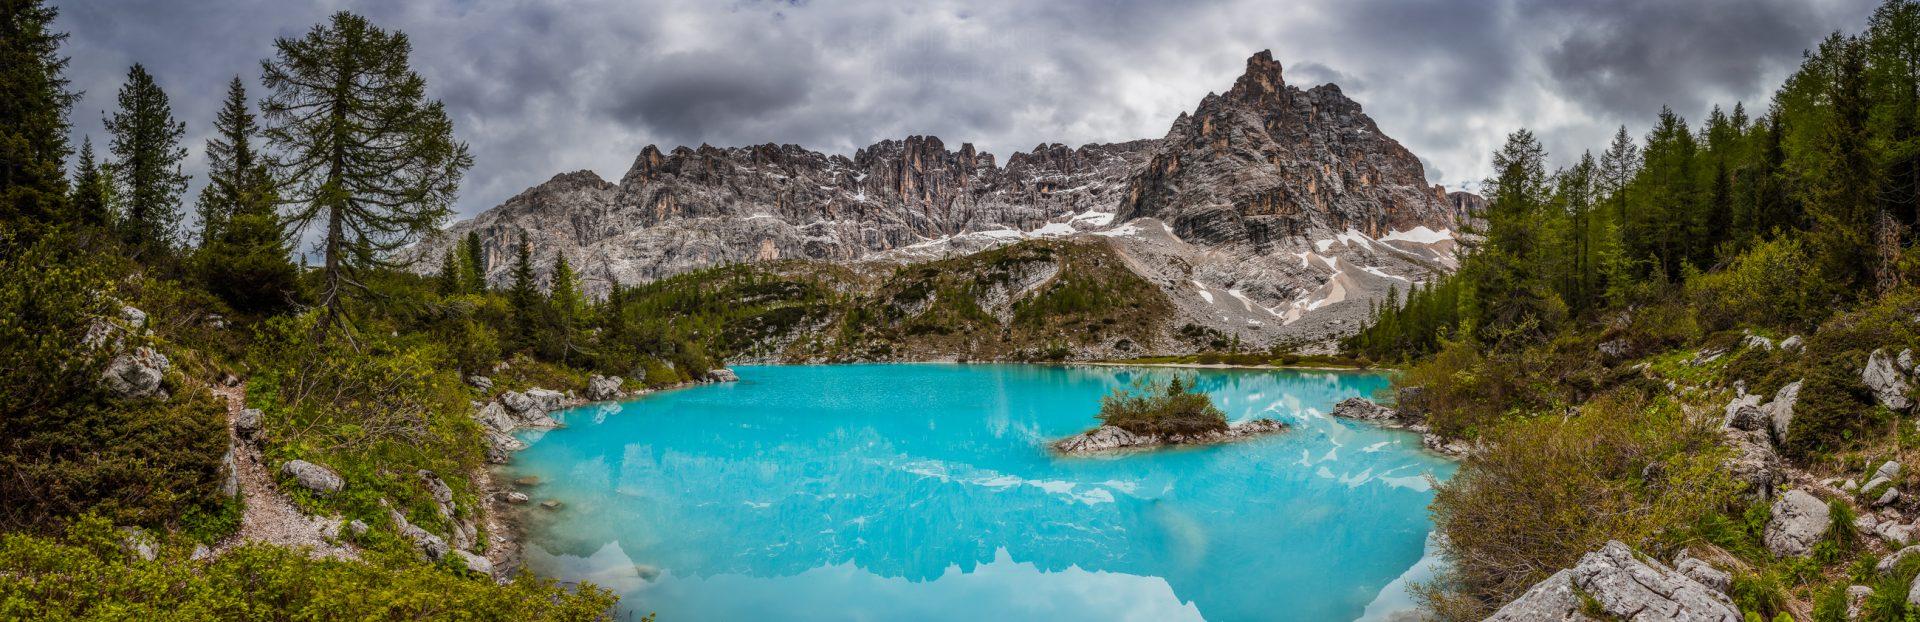 Lago di Sorapis_Philip Gunkel